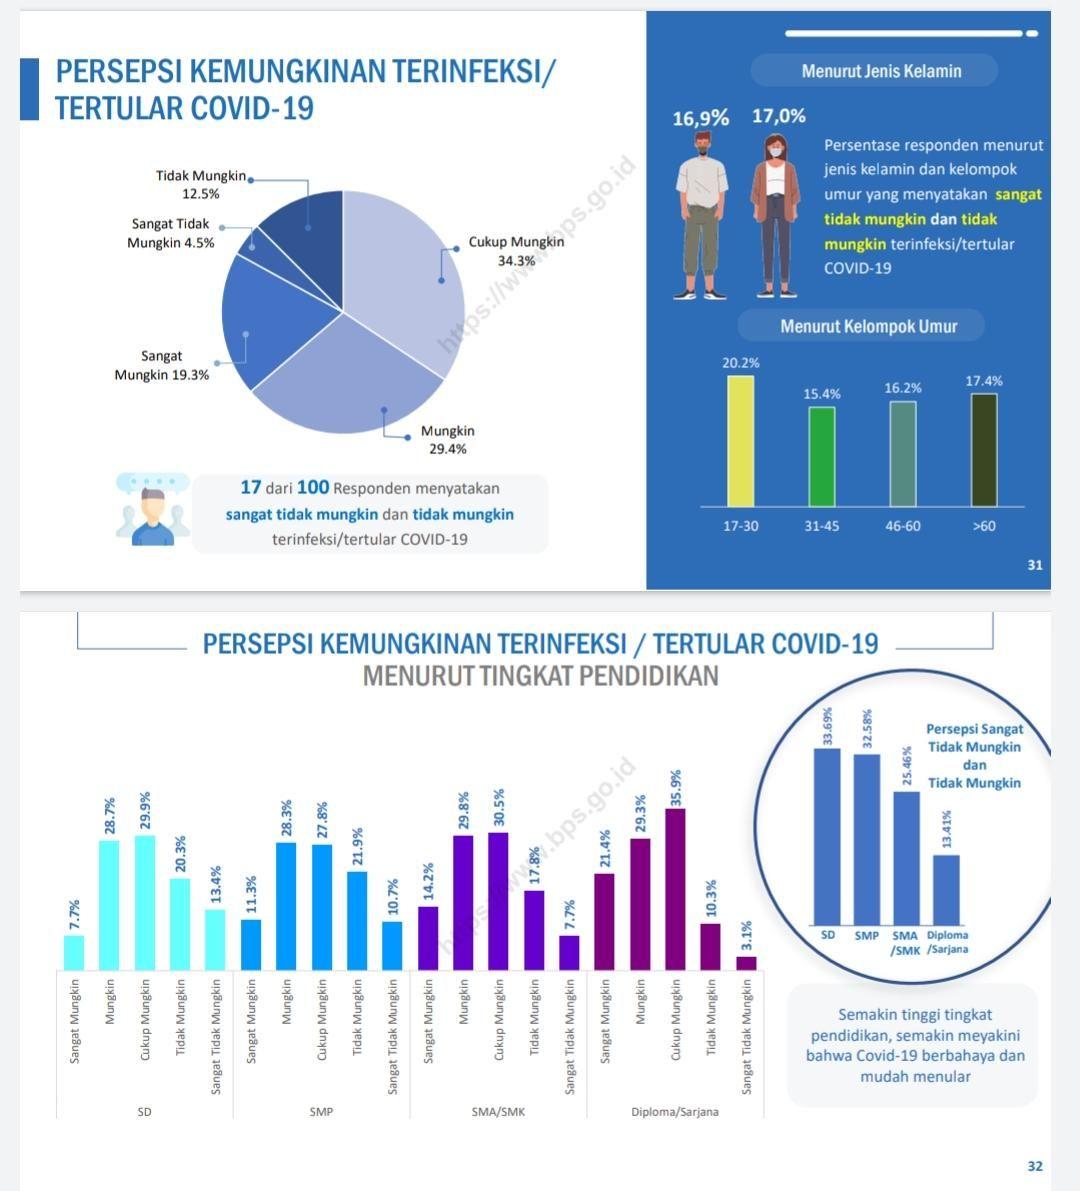 Survei BPS soal persepsi kemungkinan terinfeksi Corona